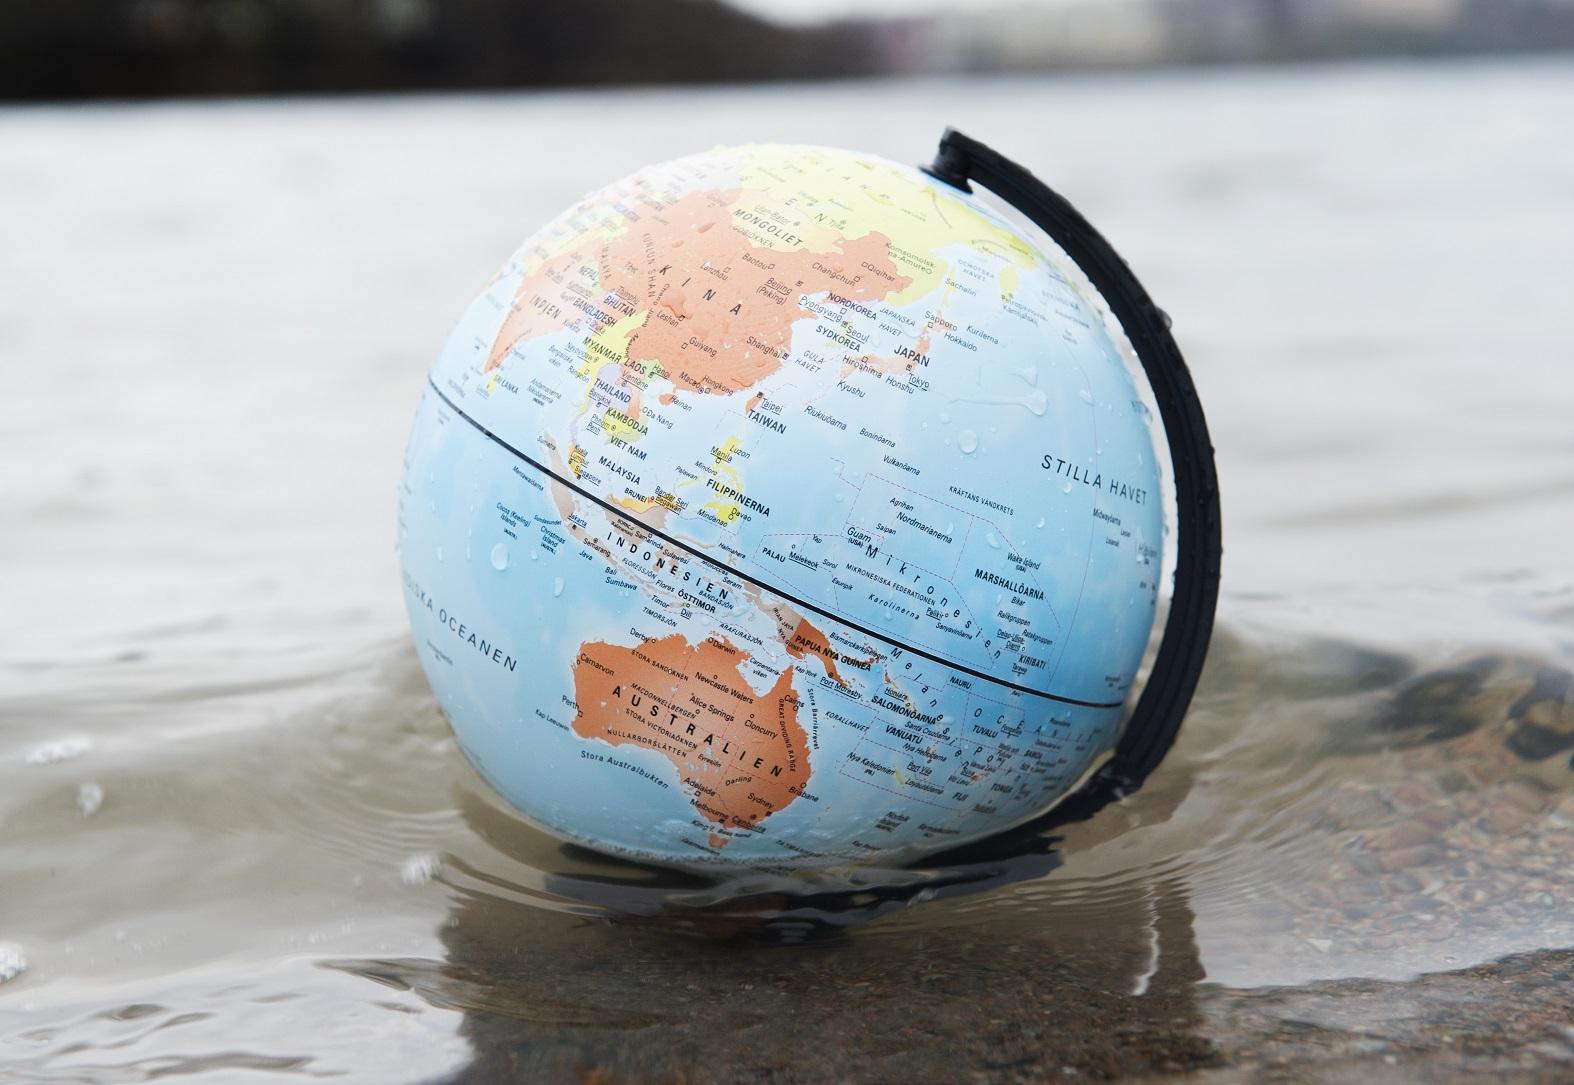 Para ficarmos no limite de 1,5oC, o investimento em tecnologias de baixo carbono deverá ser o dobro do que é atualmente. Foto FREDRIK SANDBERG / TT News Agency/AFP